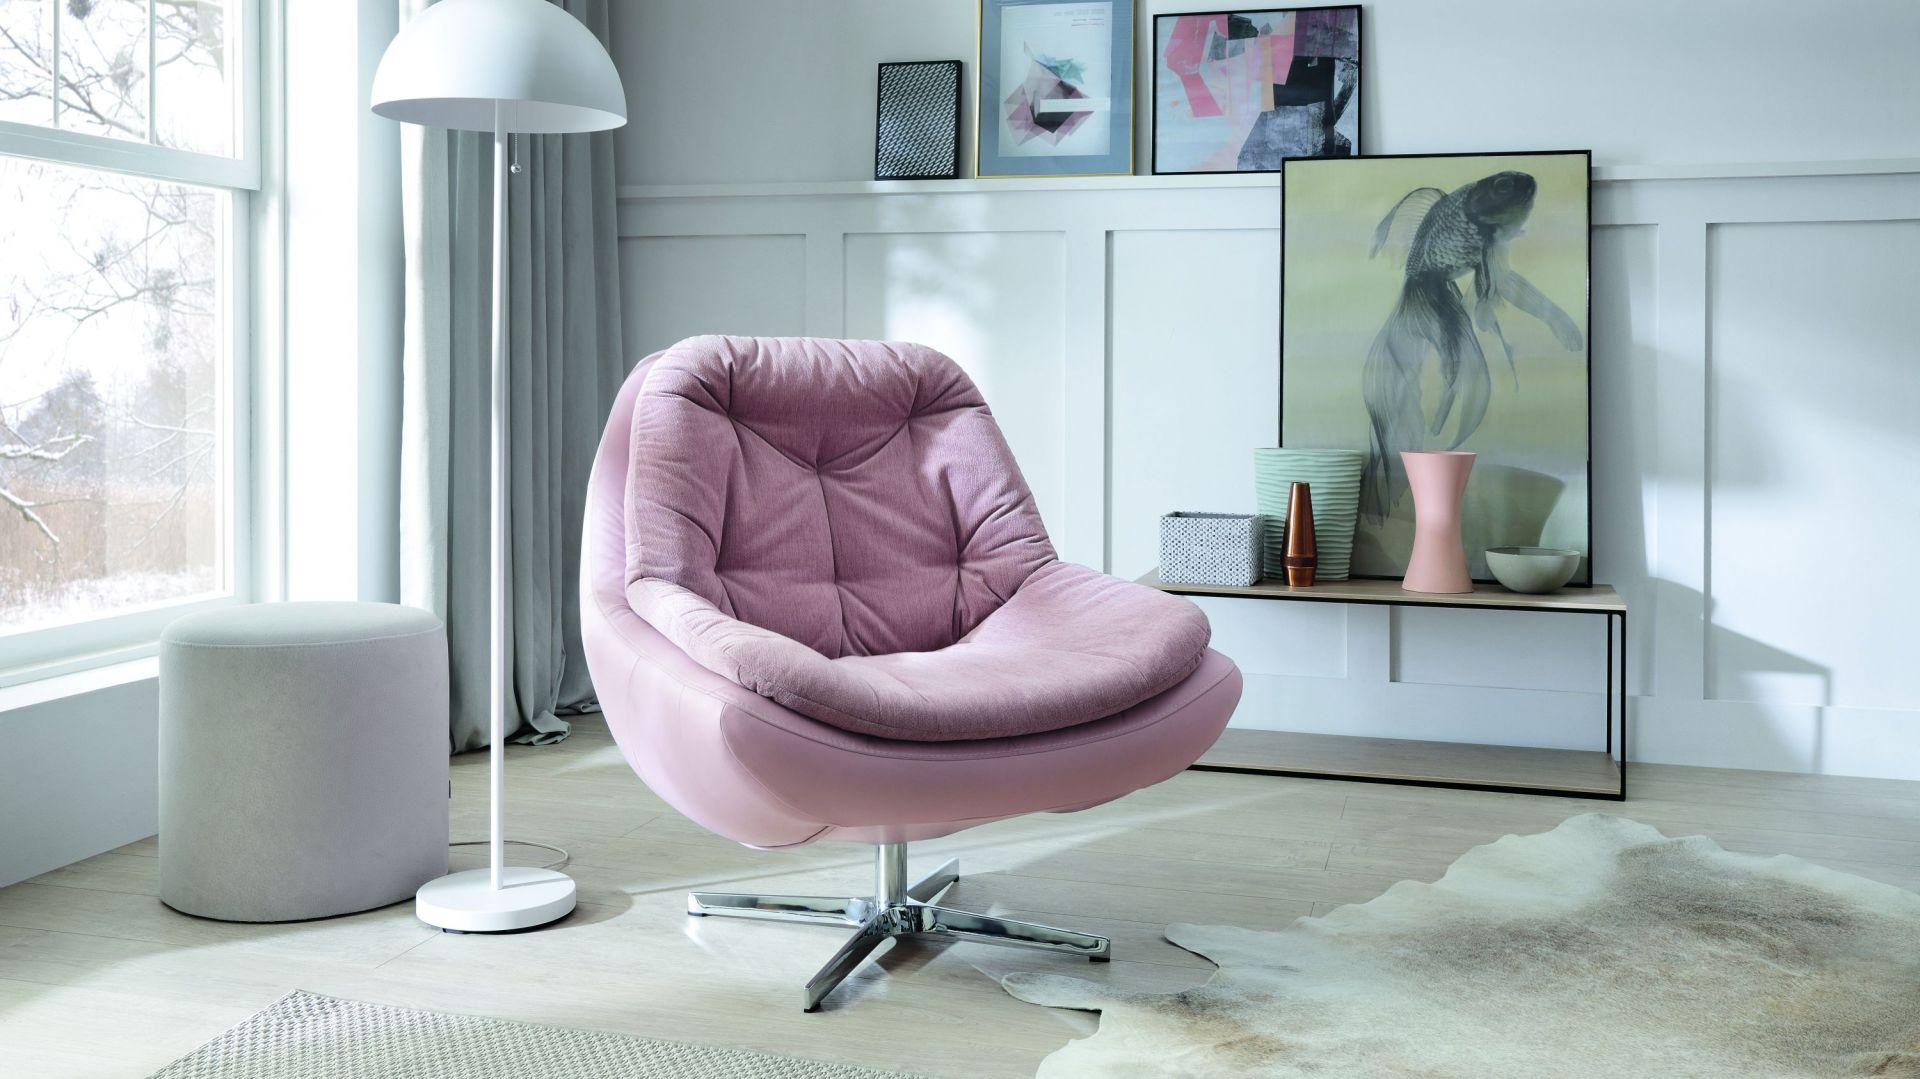 Fotel Dim marki Gala Collezione, wyściełany miękką kołderką uprzyjemniającą wypoczynek. Fot. Gala Collezione